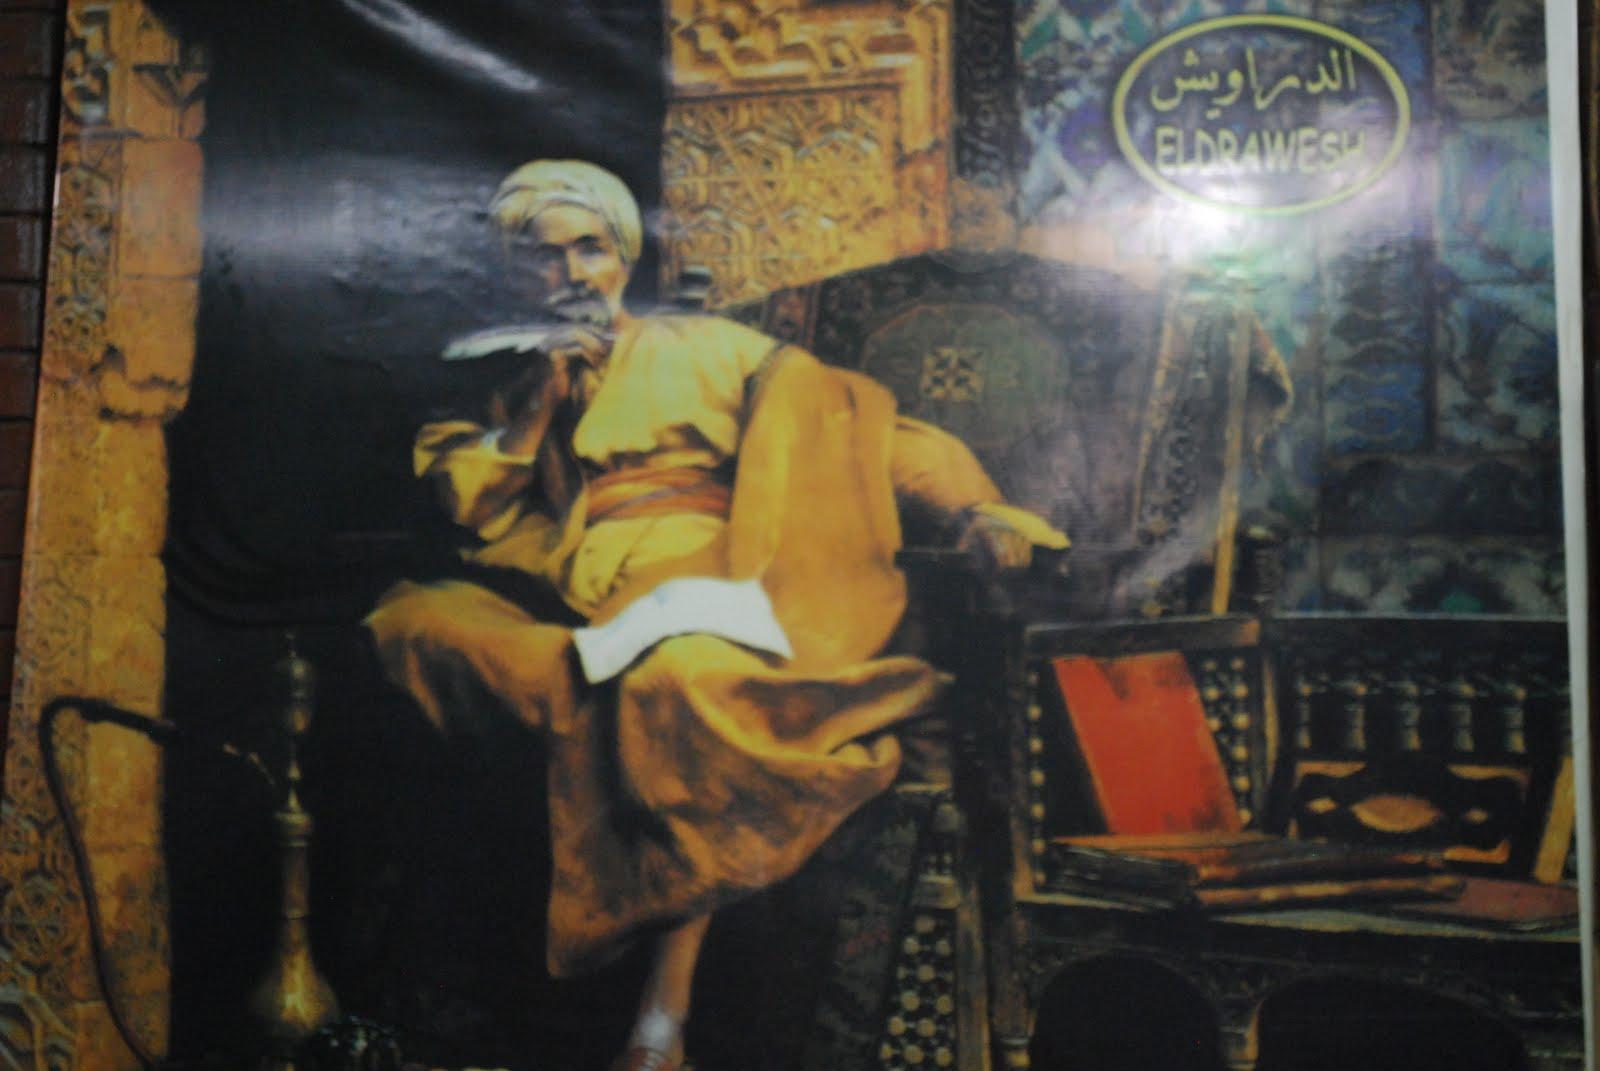 الريش الريش الريش بقهوة الدراويش - فريال كريم